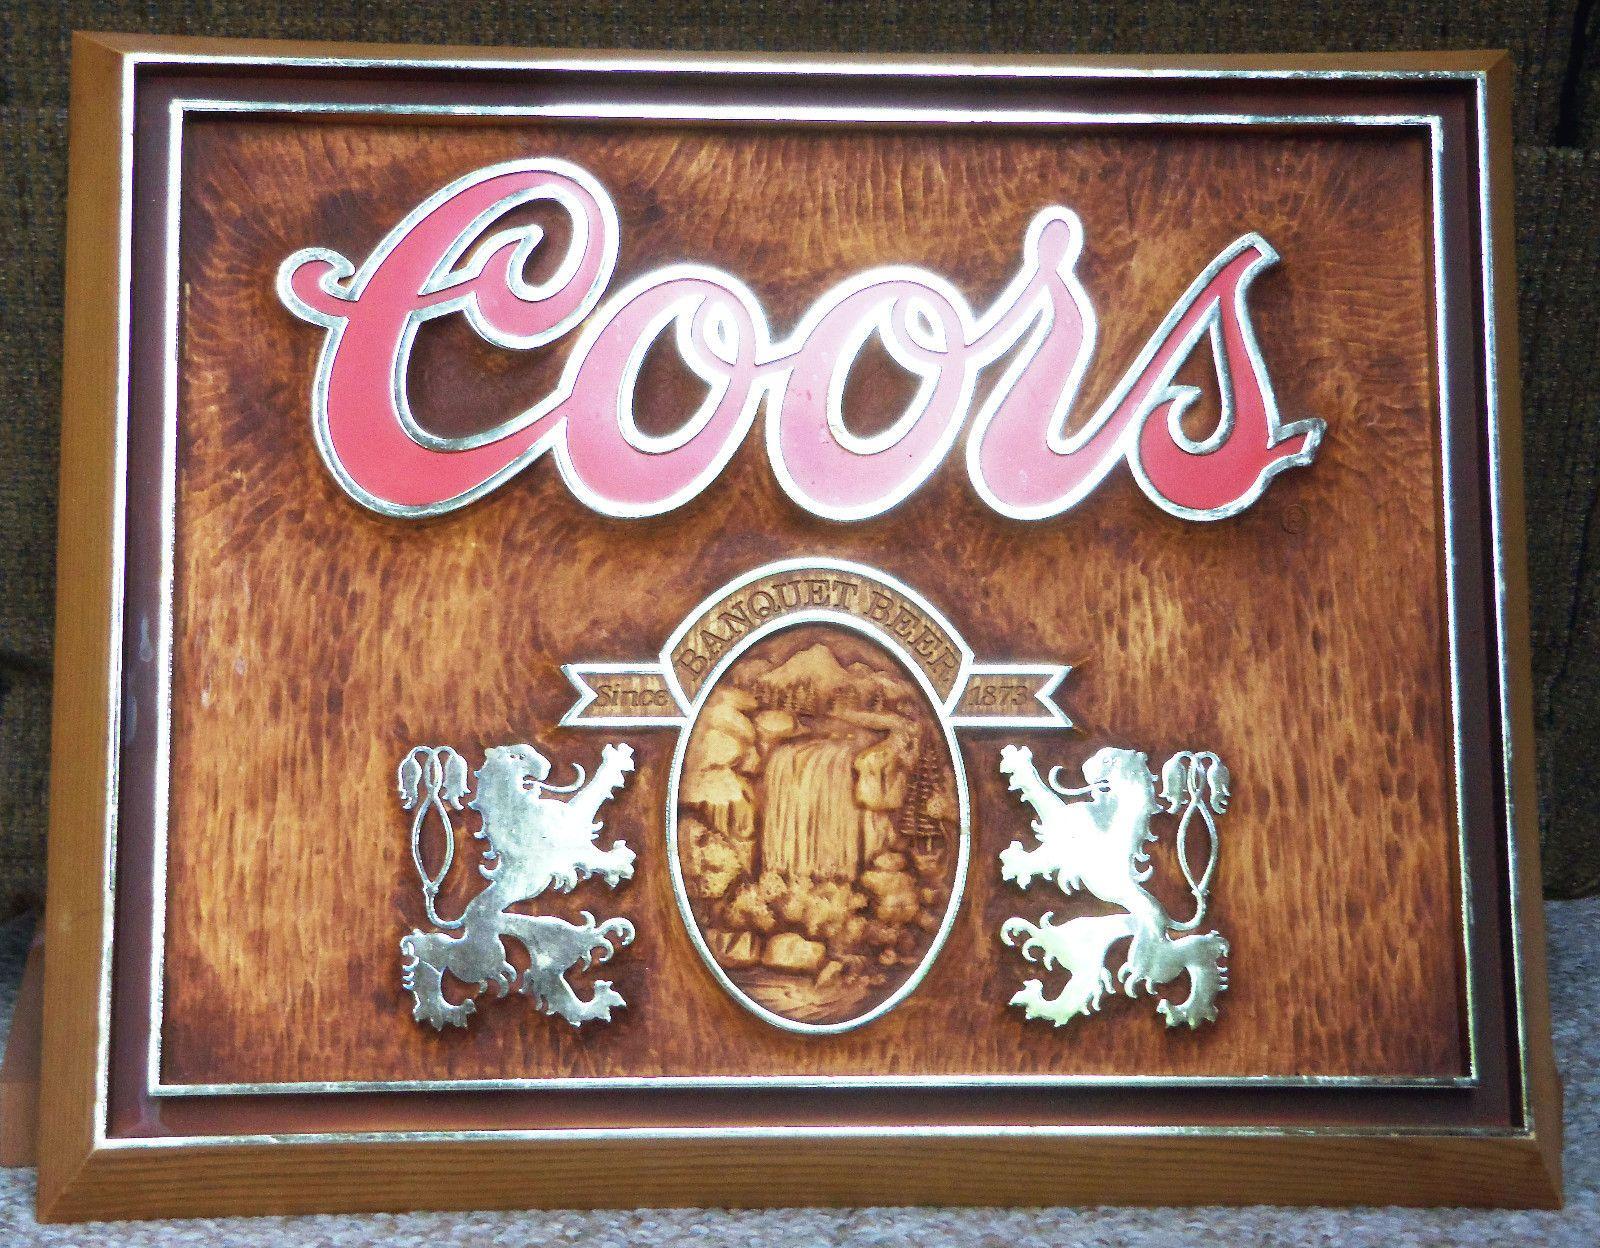 Details about Coors Light Fluorescent 3D Bar Man Cave Beer